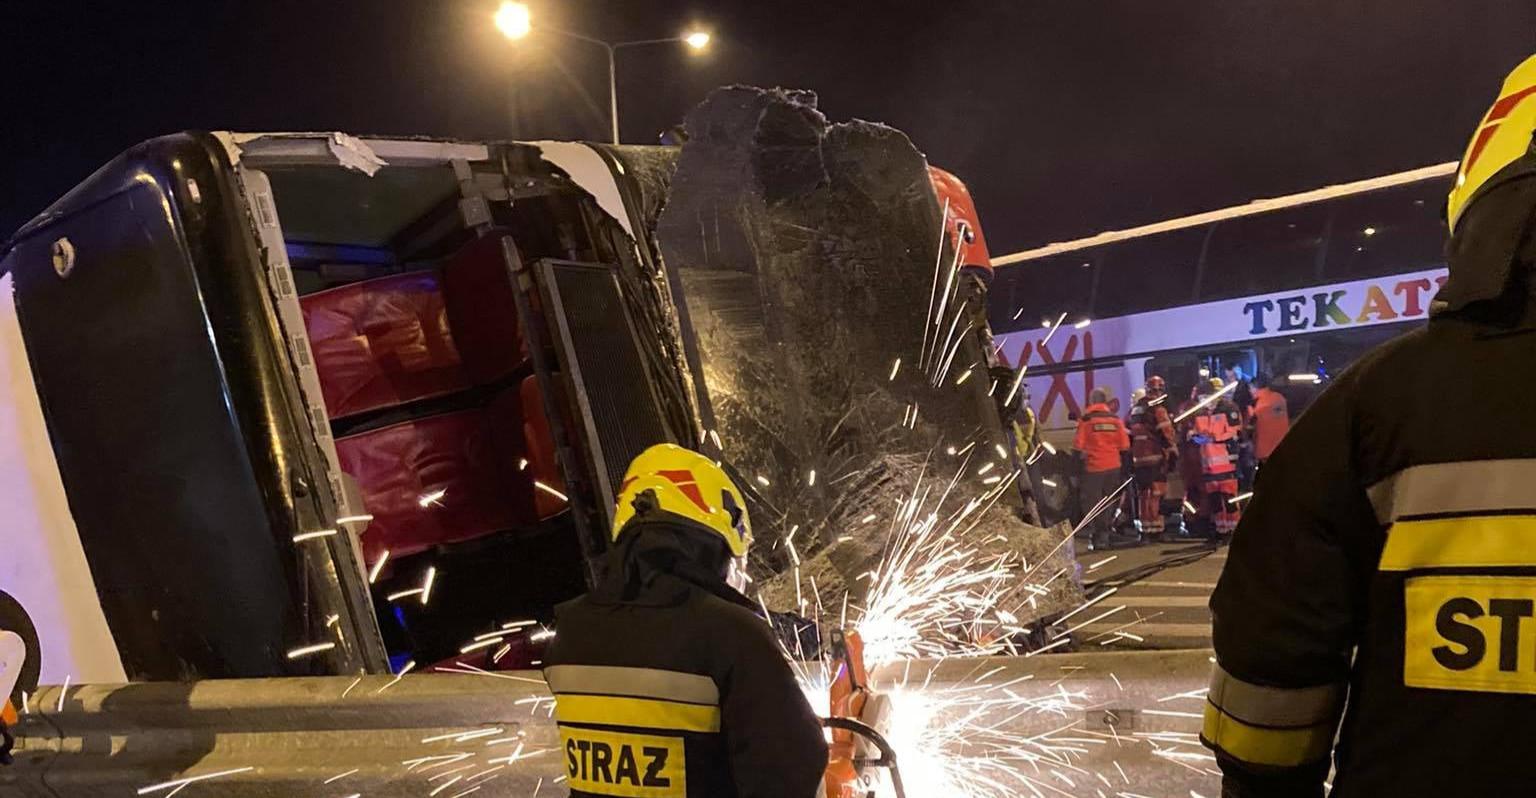 Koszmarny wypadek autokaru pod Przemyślem! Zginęło 5 osób, 51 rannych! (ZDJĘCIA)